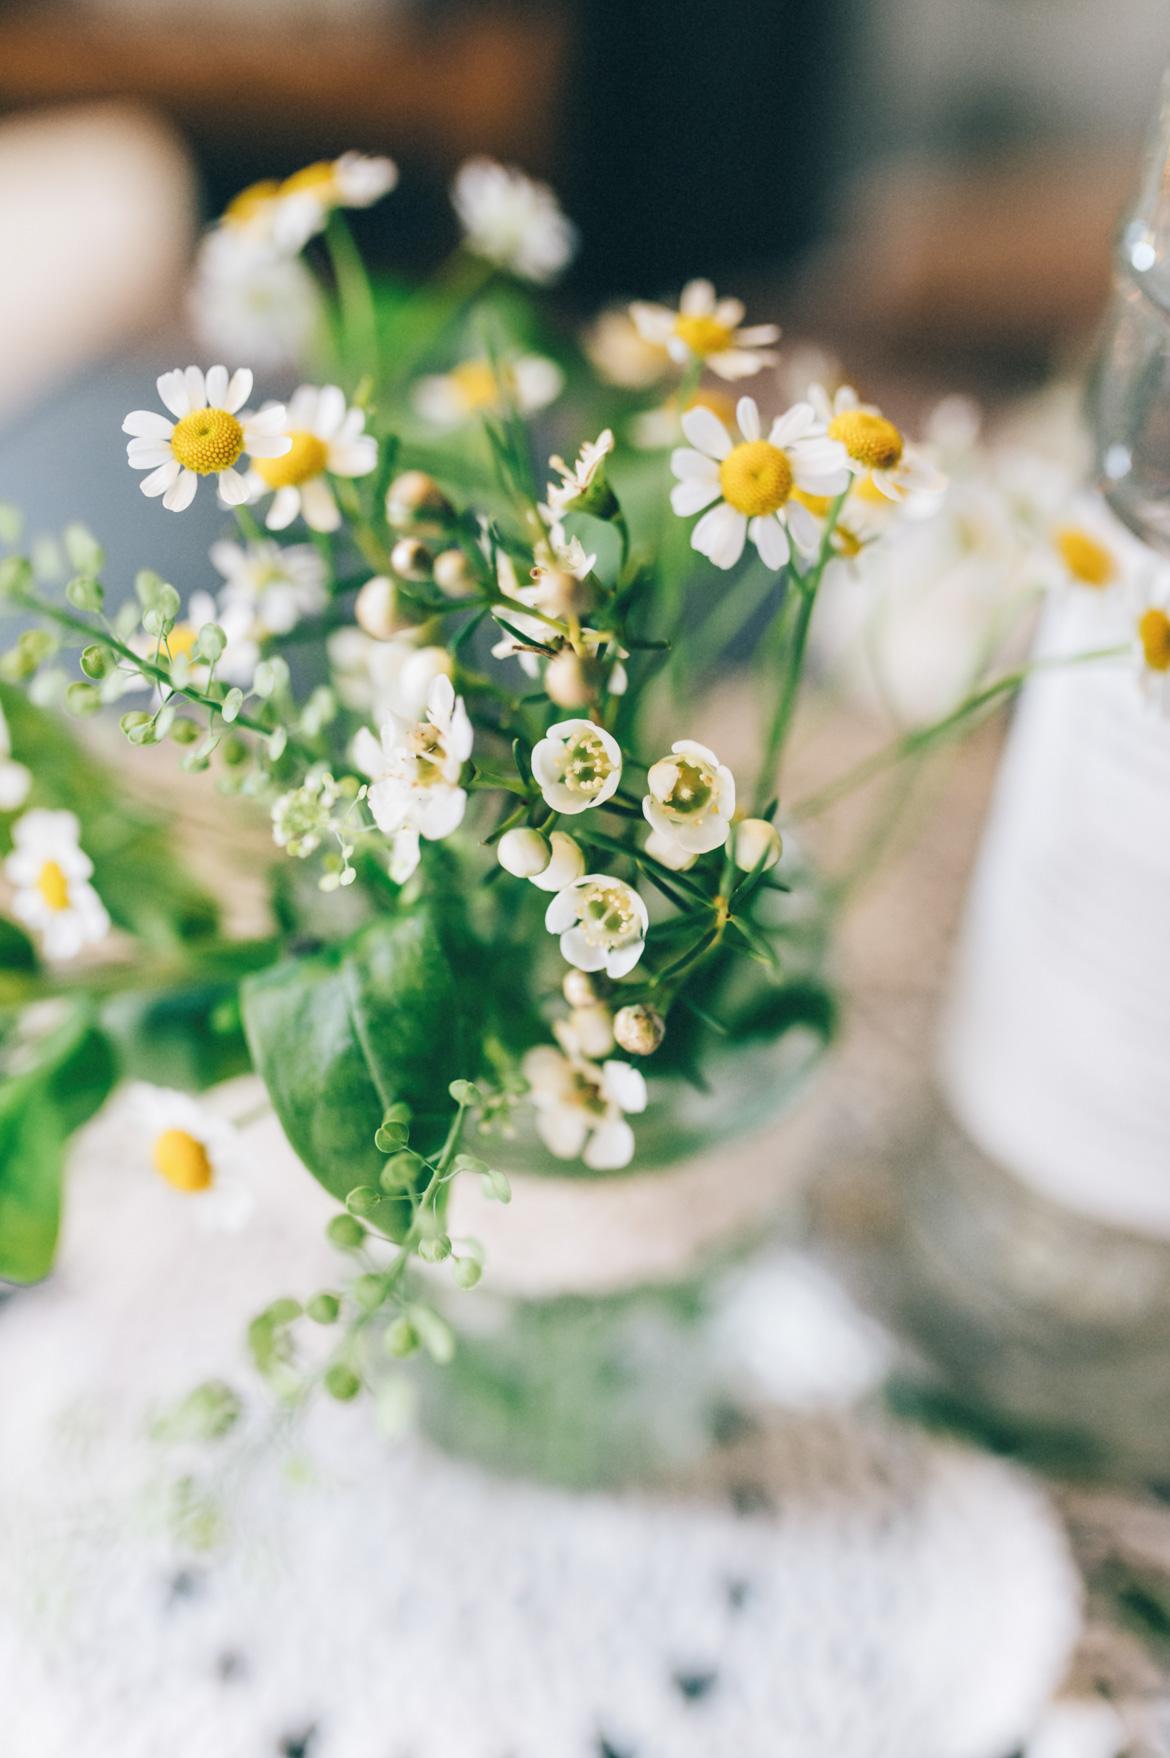 DIY-Hochzeit-koblenz-hoch-7 Tina & Miro DIY Wedding Cafe KostbarDIY Hochzeit koblenz hoch 7